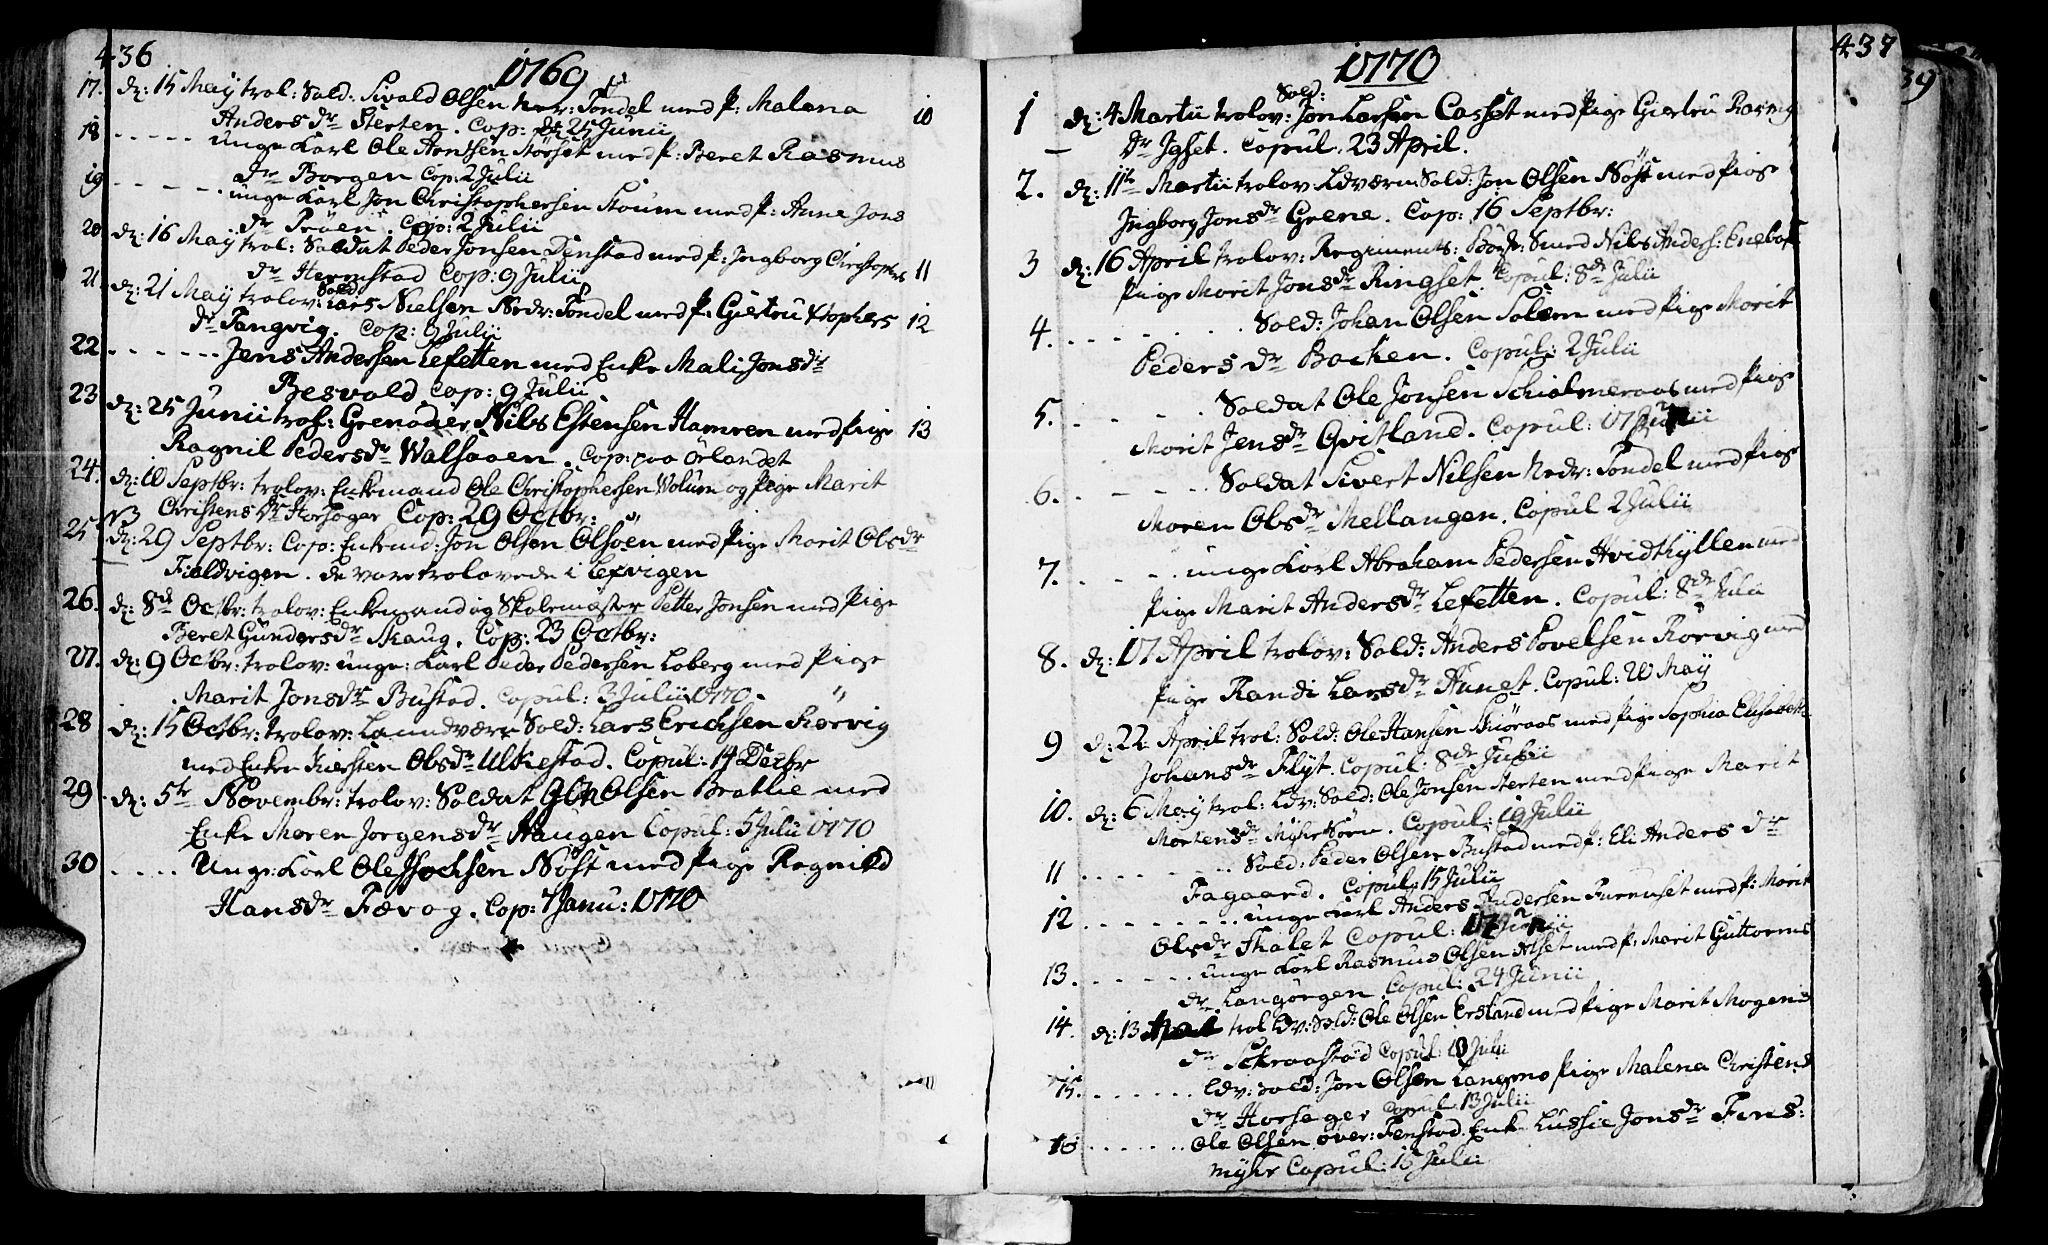 SAT, Ministerialprotokoller, klokkerbøker og fødselsregistre - Sør-Trøndelag, 646/L0605: Ministerialbok nr. 646A03, 1751-1790, s. 436-437